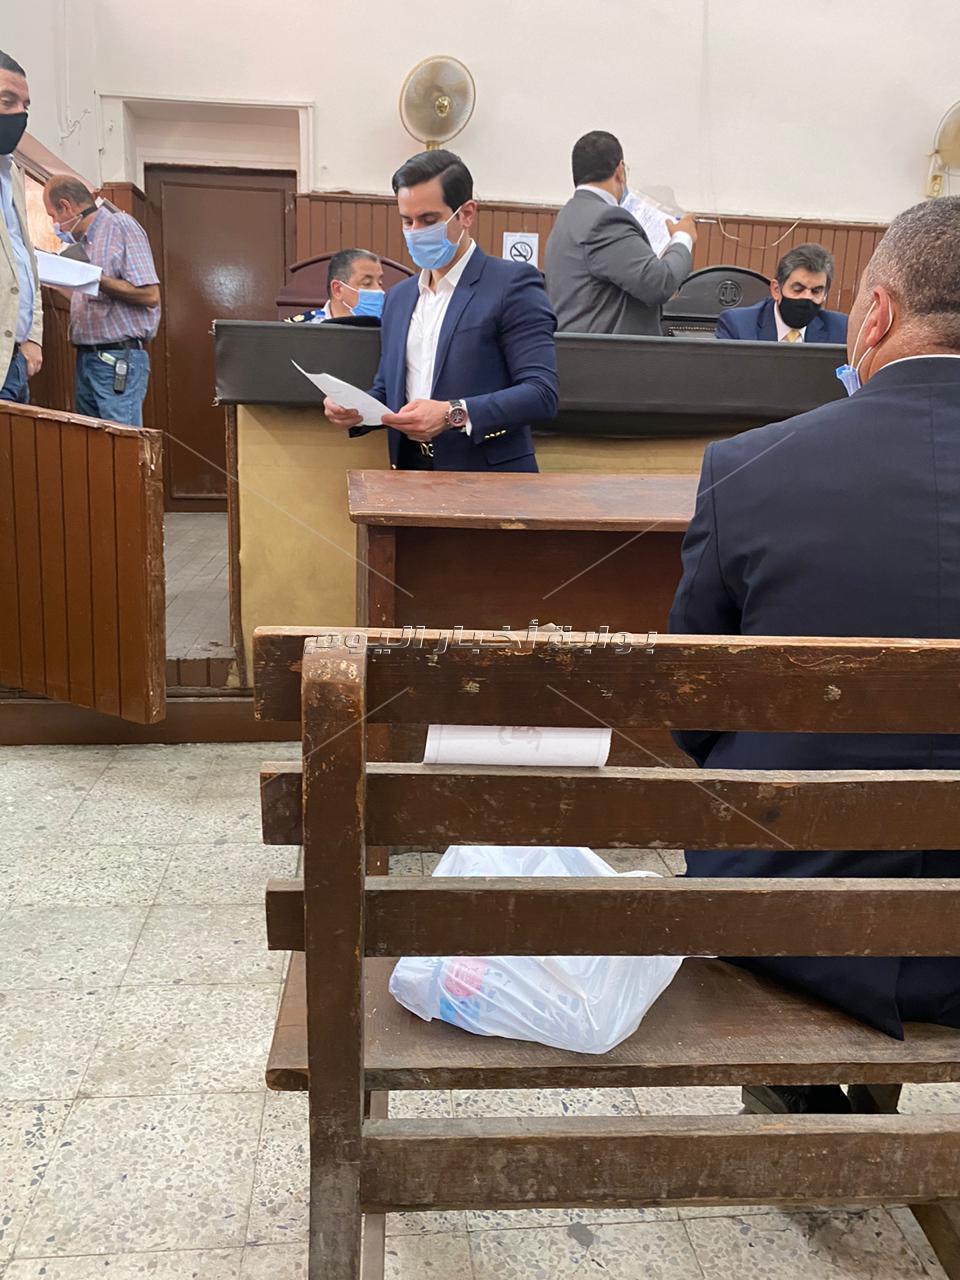 مرشحو «مستقبل وطن» يقدمون اوراق ترشحهم لانتخابات «الشيوخ» عن محافظة الجيزة